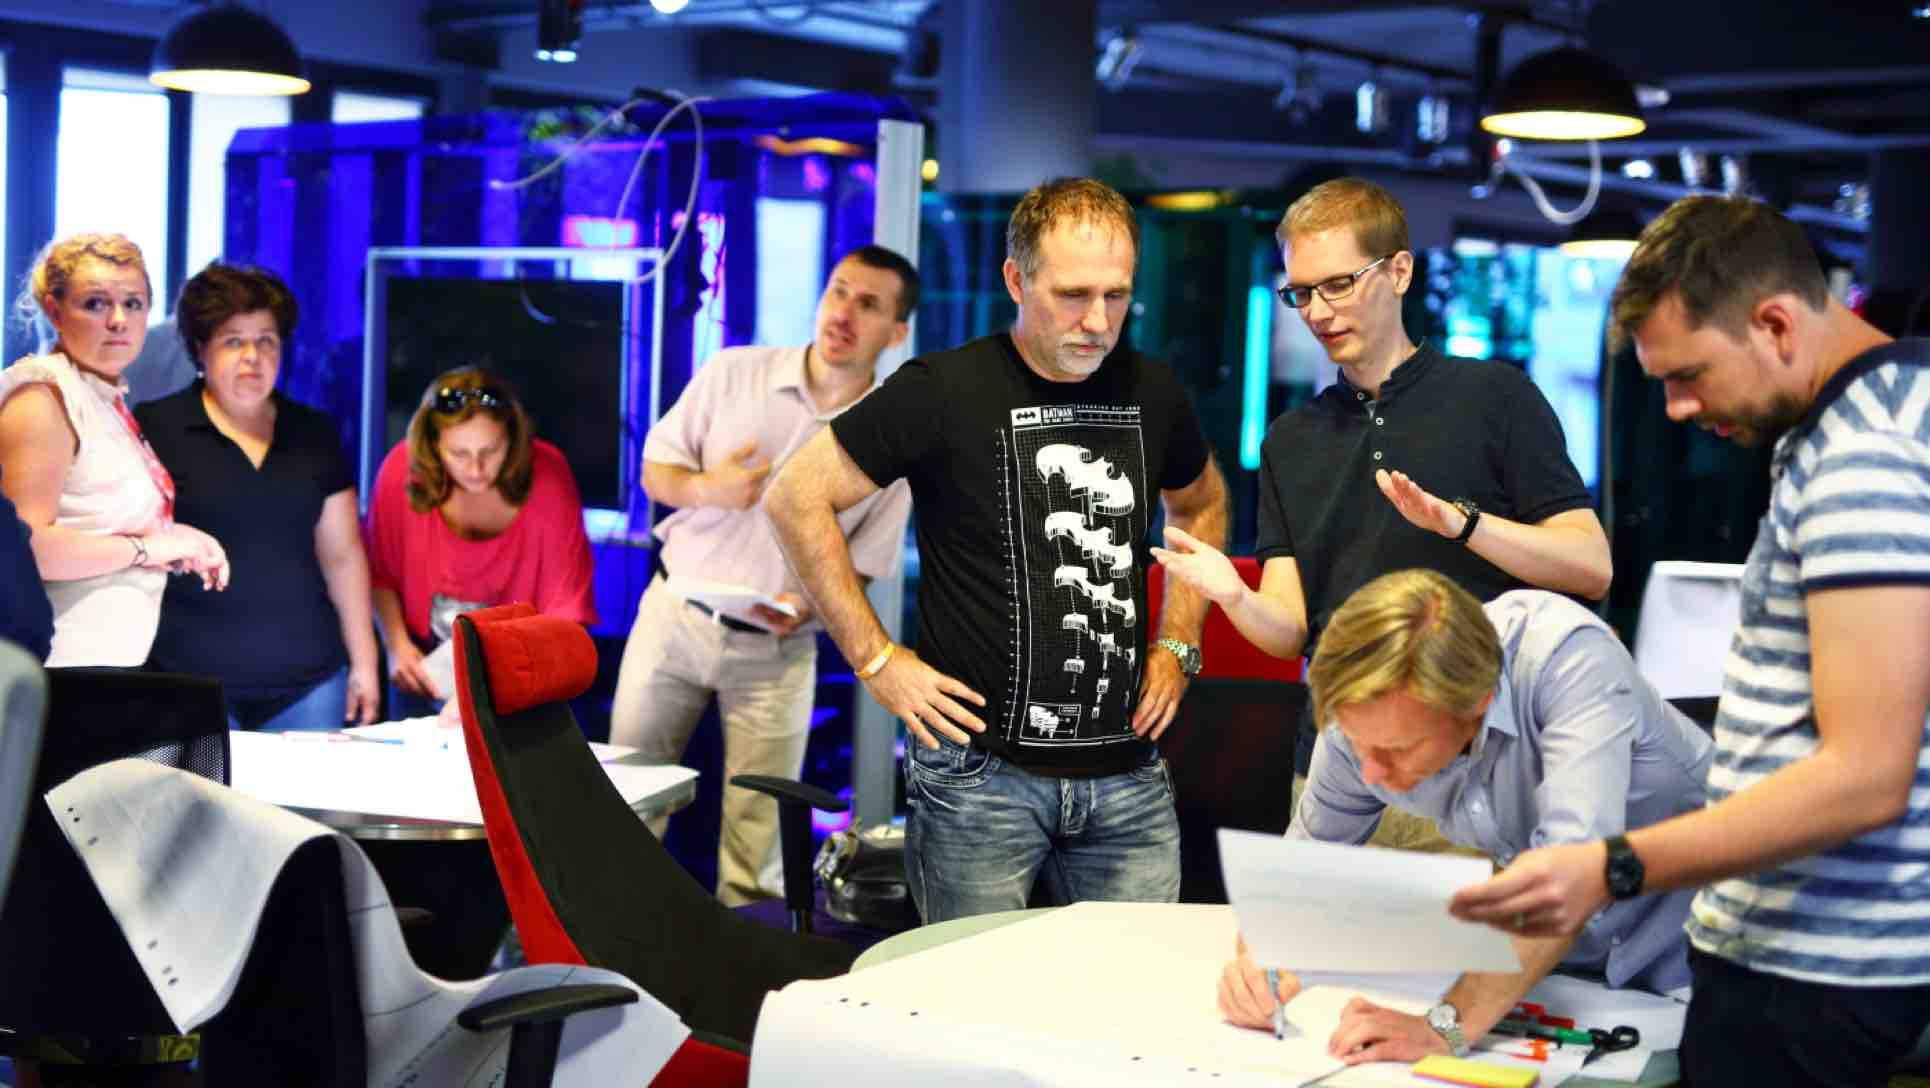 Hackathon Fundamenta innovacios verseny digimaraton